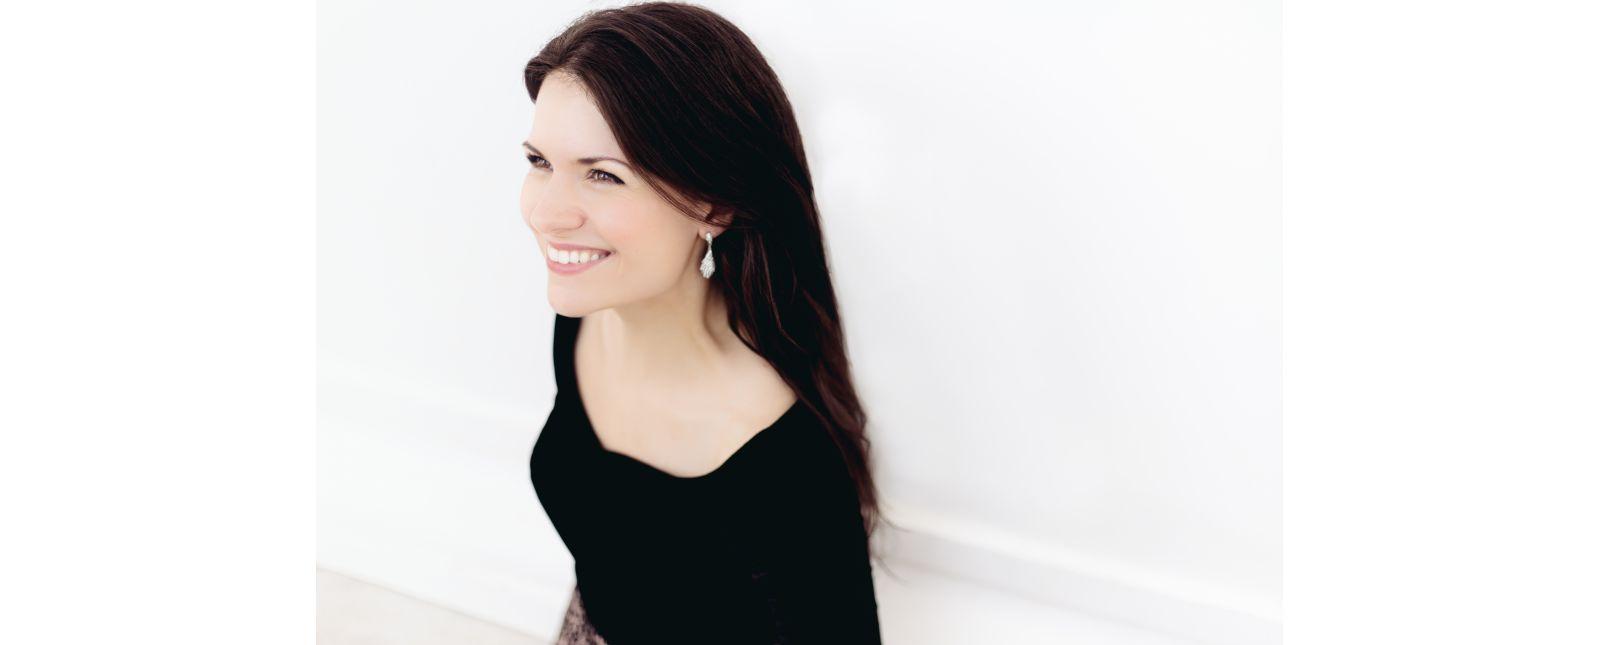 Katharina Ruckgaber //  Nickywebbphotography / 2018